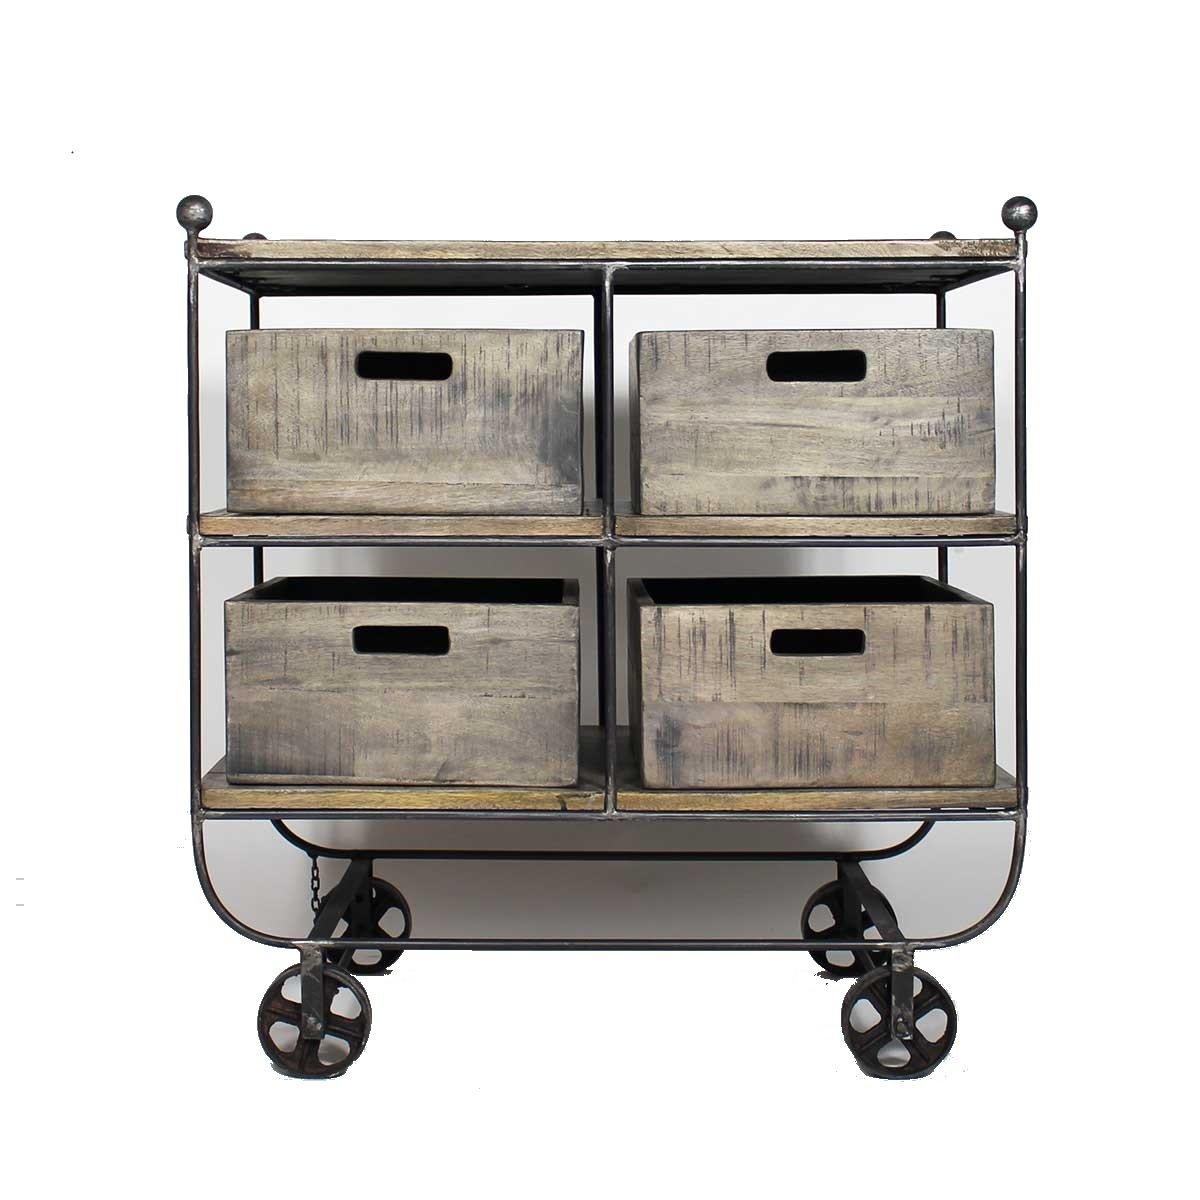 Made in Möbel DS5Konsole Industrielle mit 4Schubladen Metall/Holz braun 53x 91x 95cm